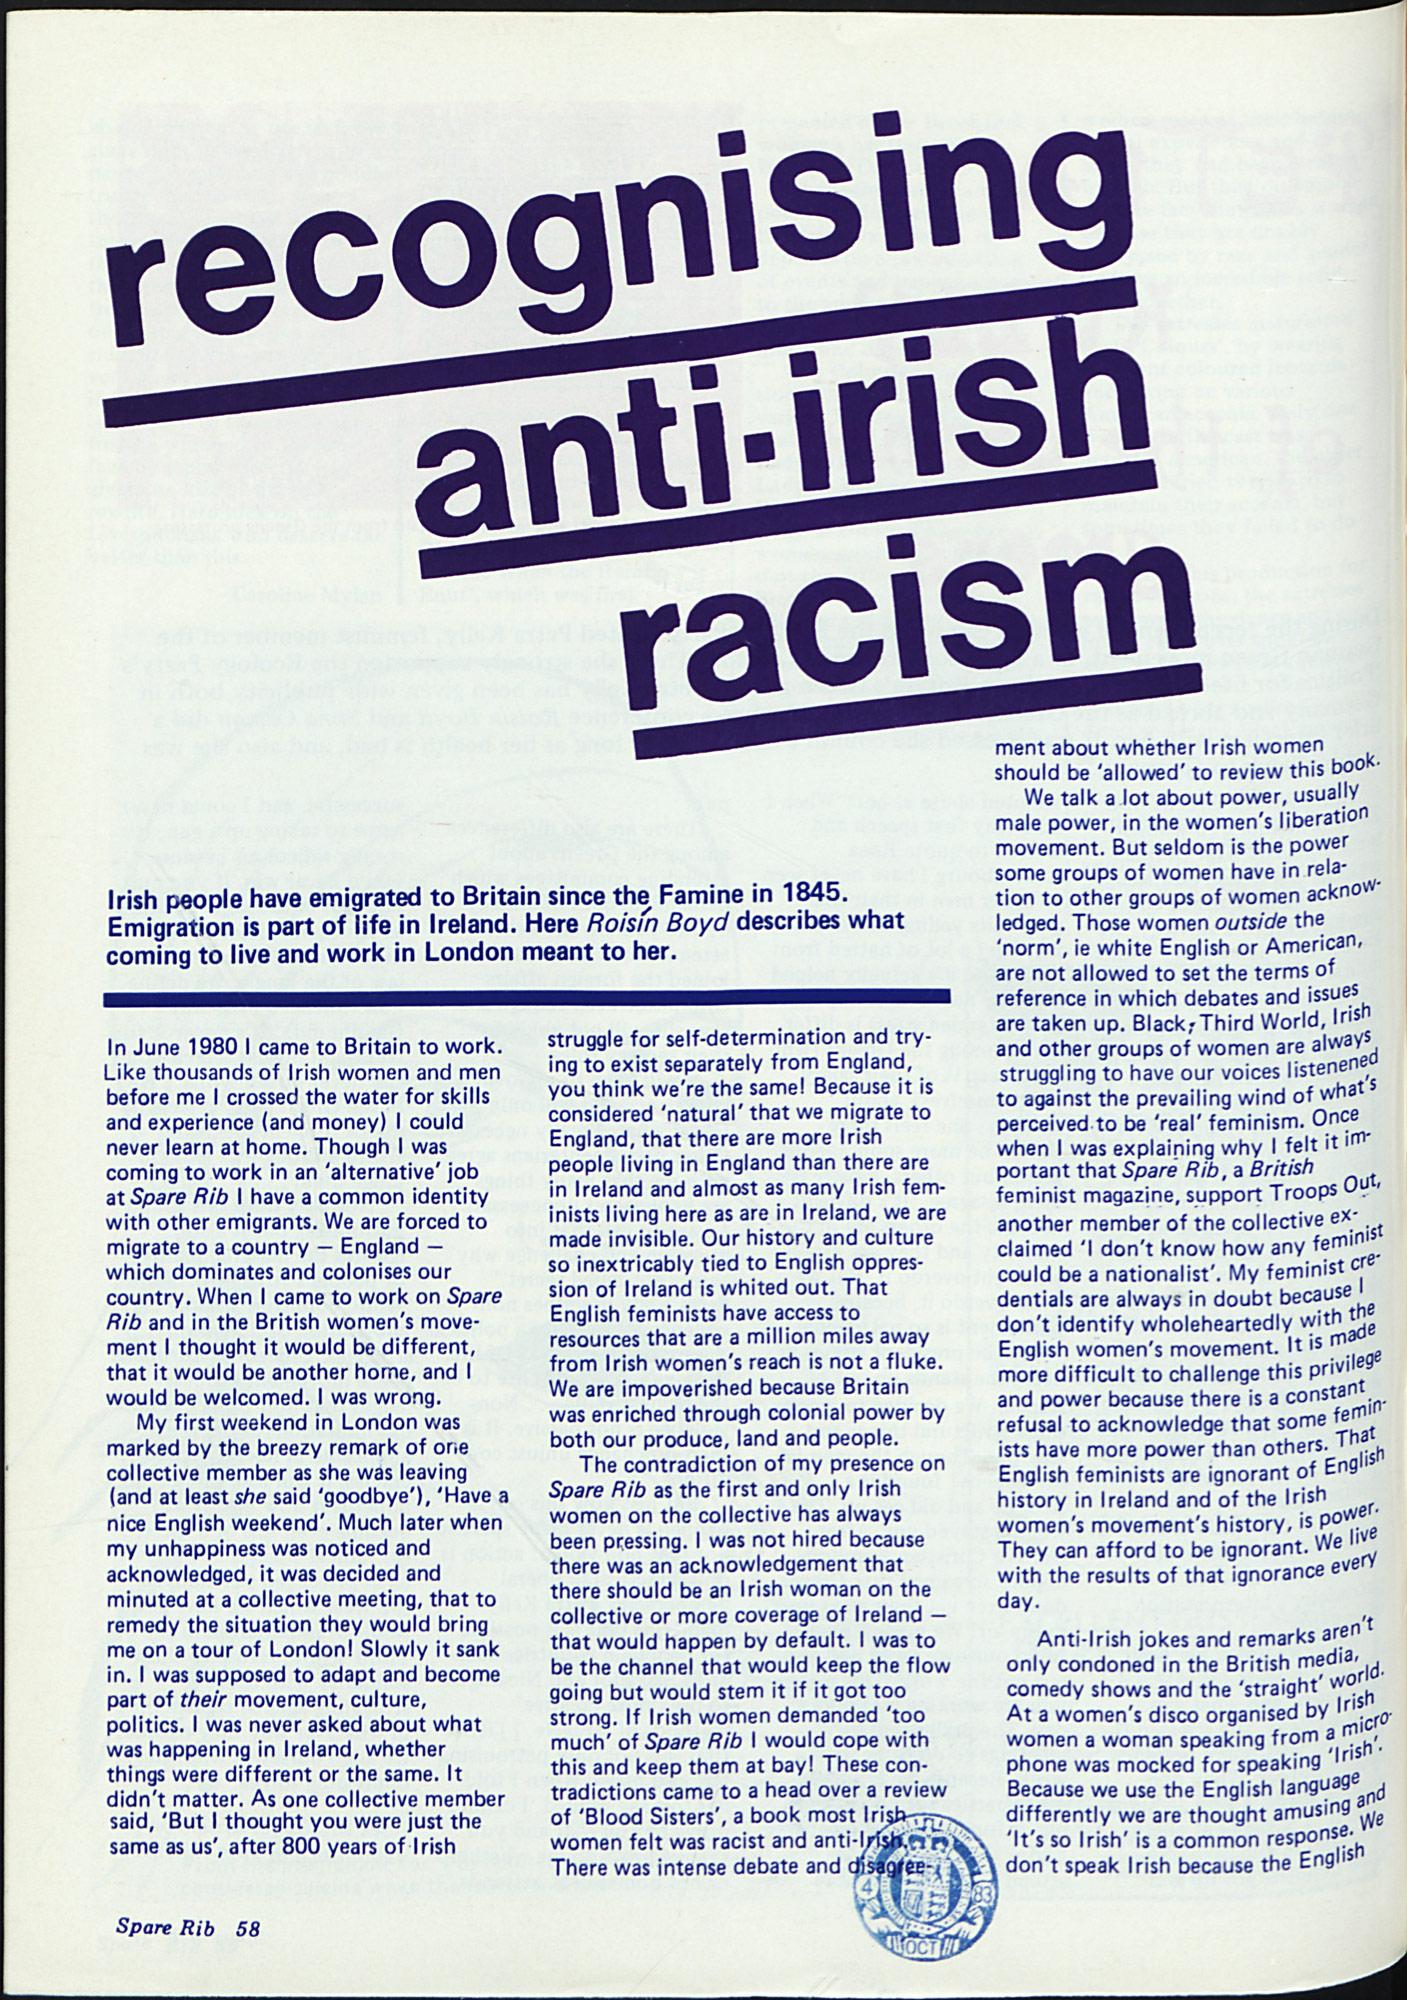 Spare Rib magazine issue 133 p. 58